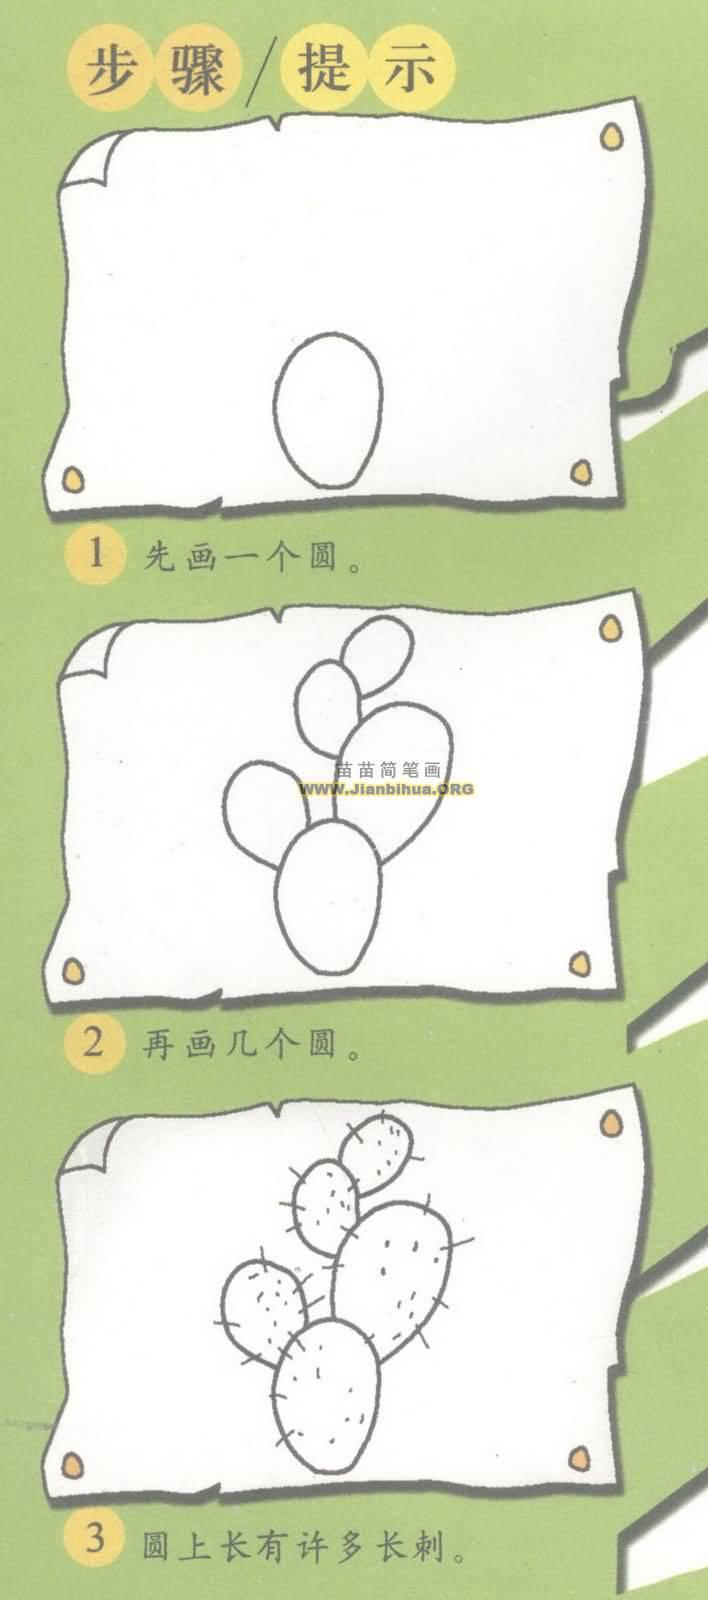 仙人掌简笔画图片